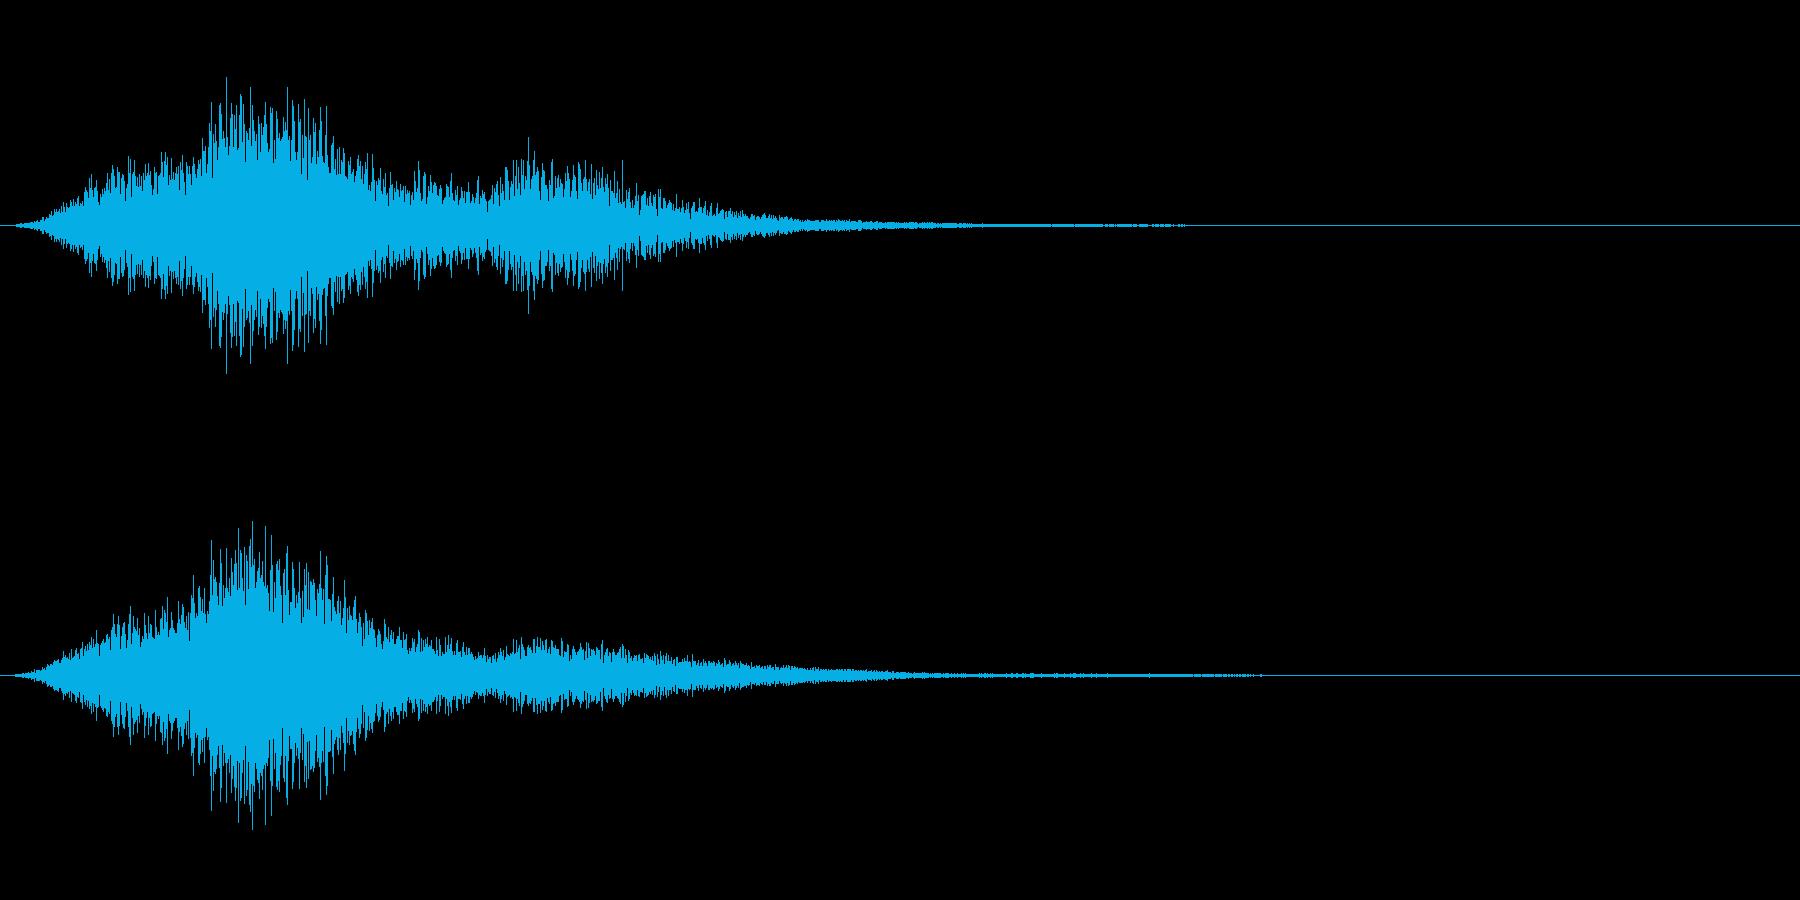 シンバルによる不気味な音の再生済みの波形